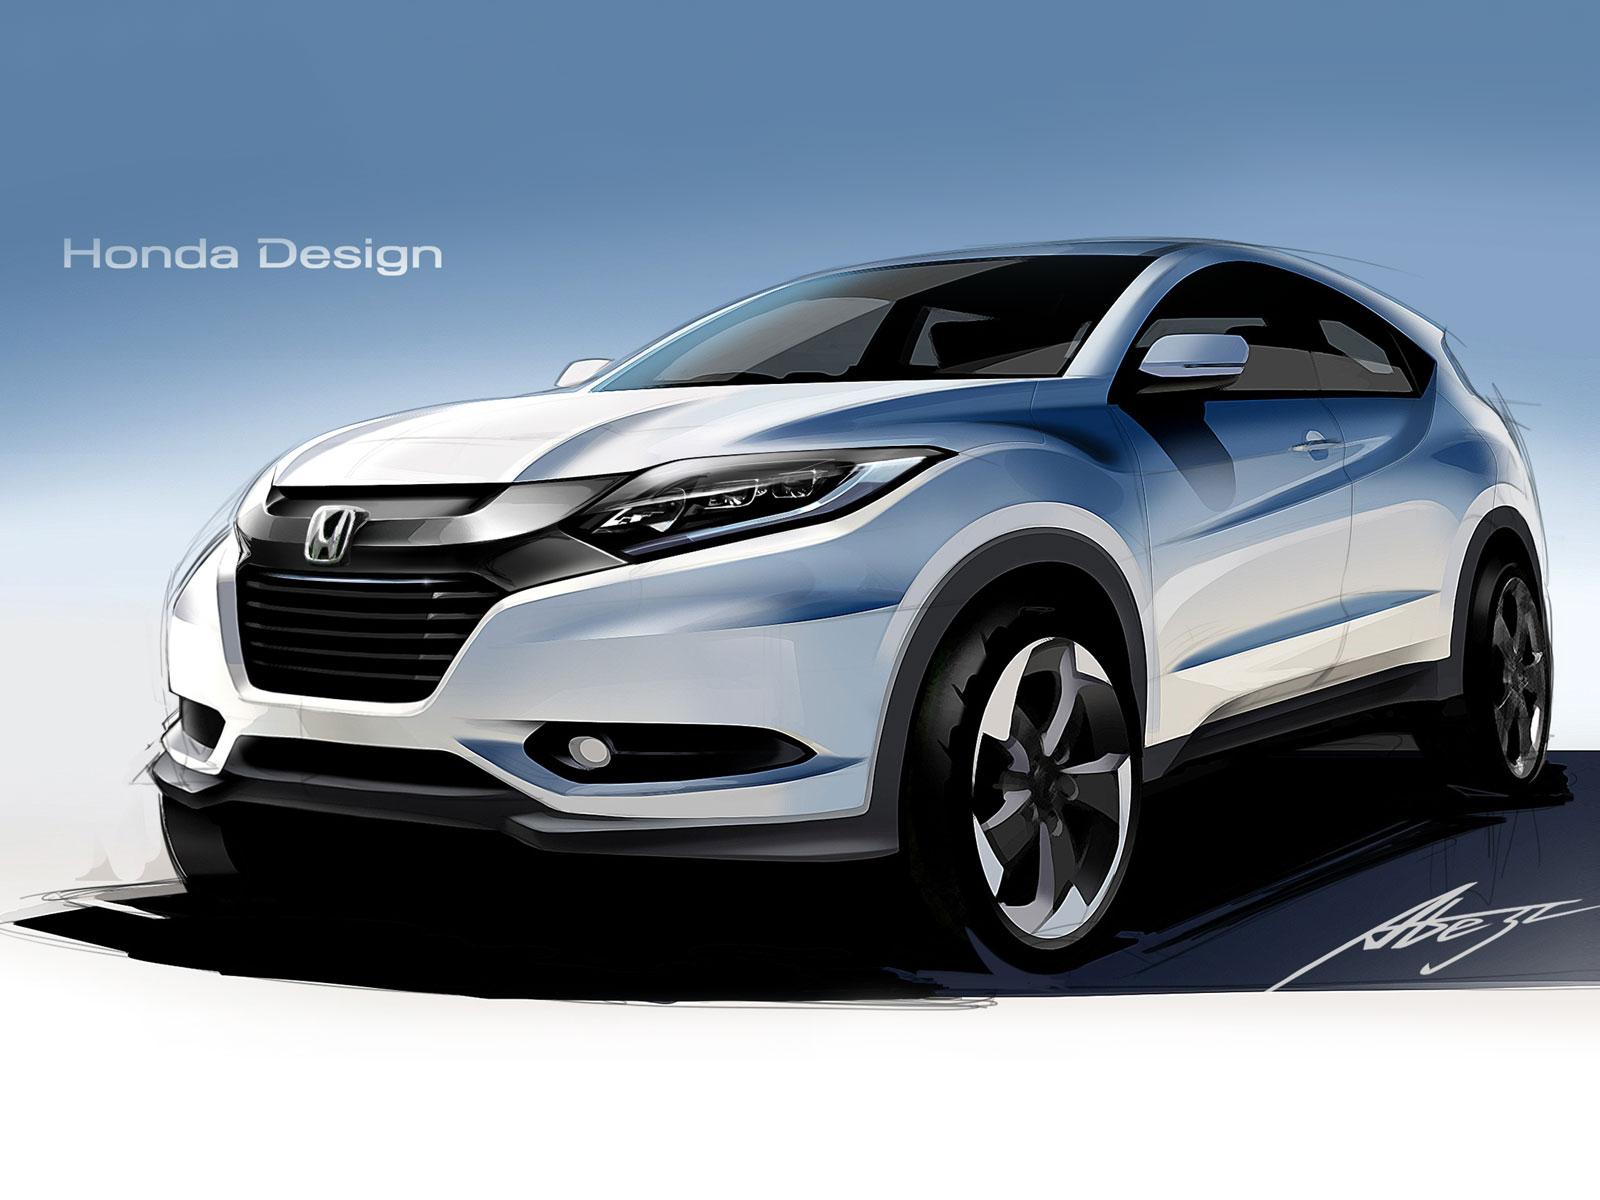 Honda Hr V Design Sketch Render Car Body Design